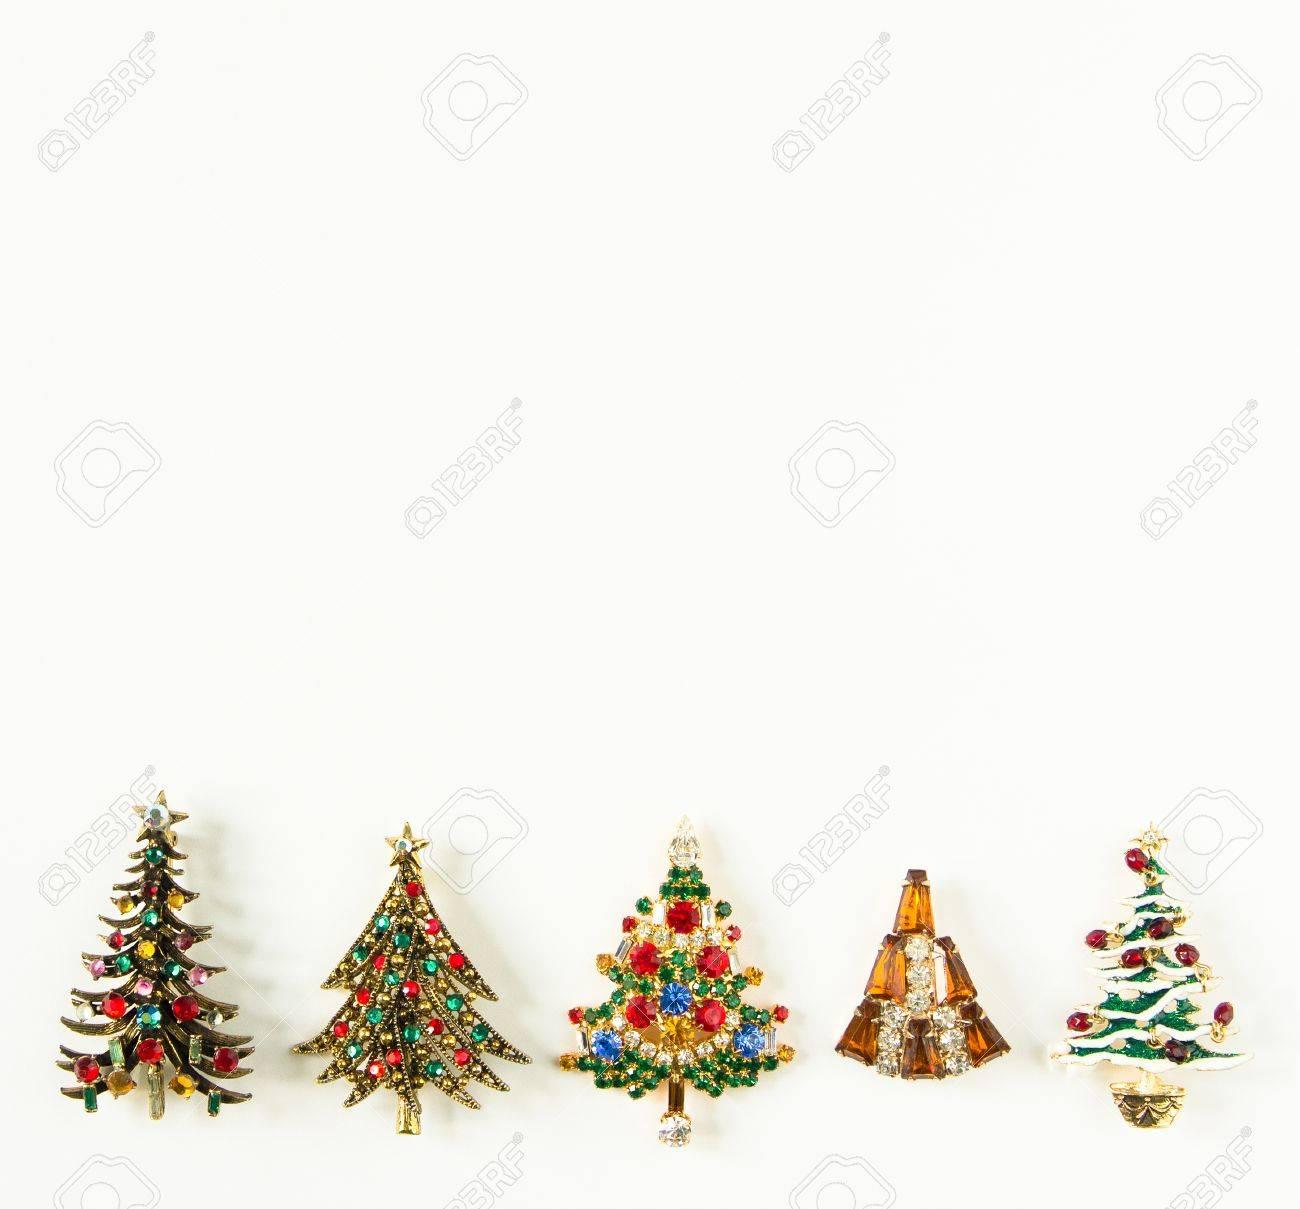 chaussures de sport 54f60 c48ed Thème de Noël. Bijoux de femme Fond de bijoux vintage. Belles broches de  sapin de Noël strass lumineux sur fond blanc. Plat poser, vue de dessus  avec ...